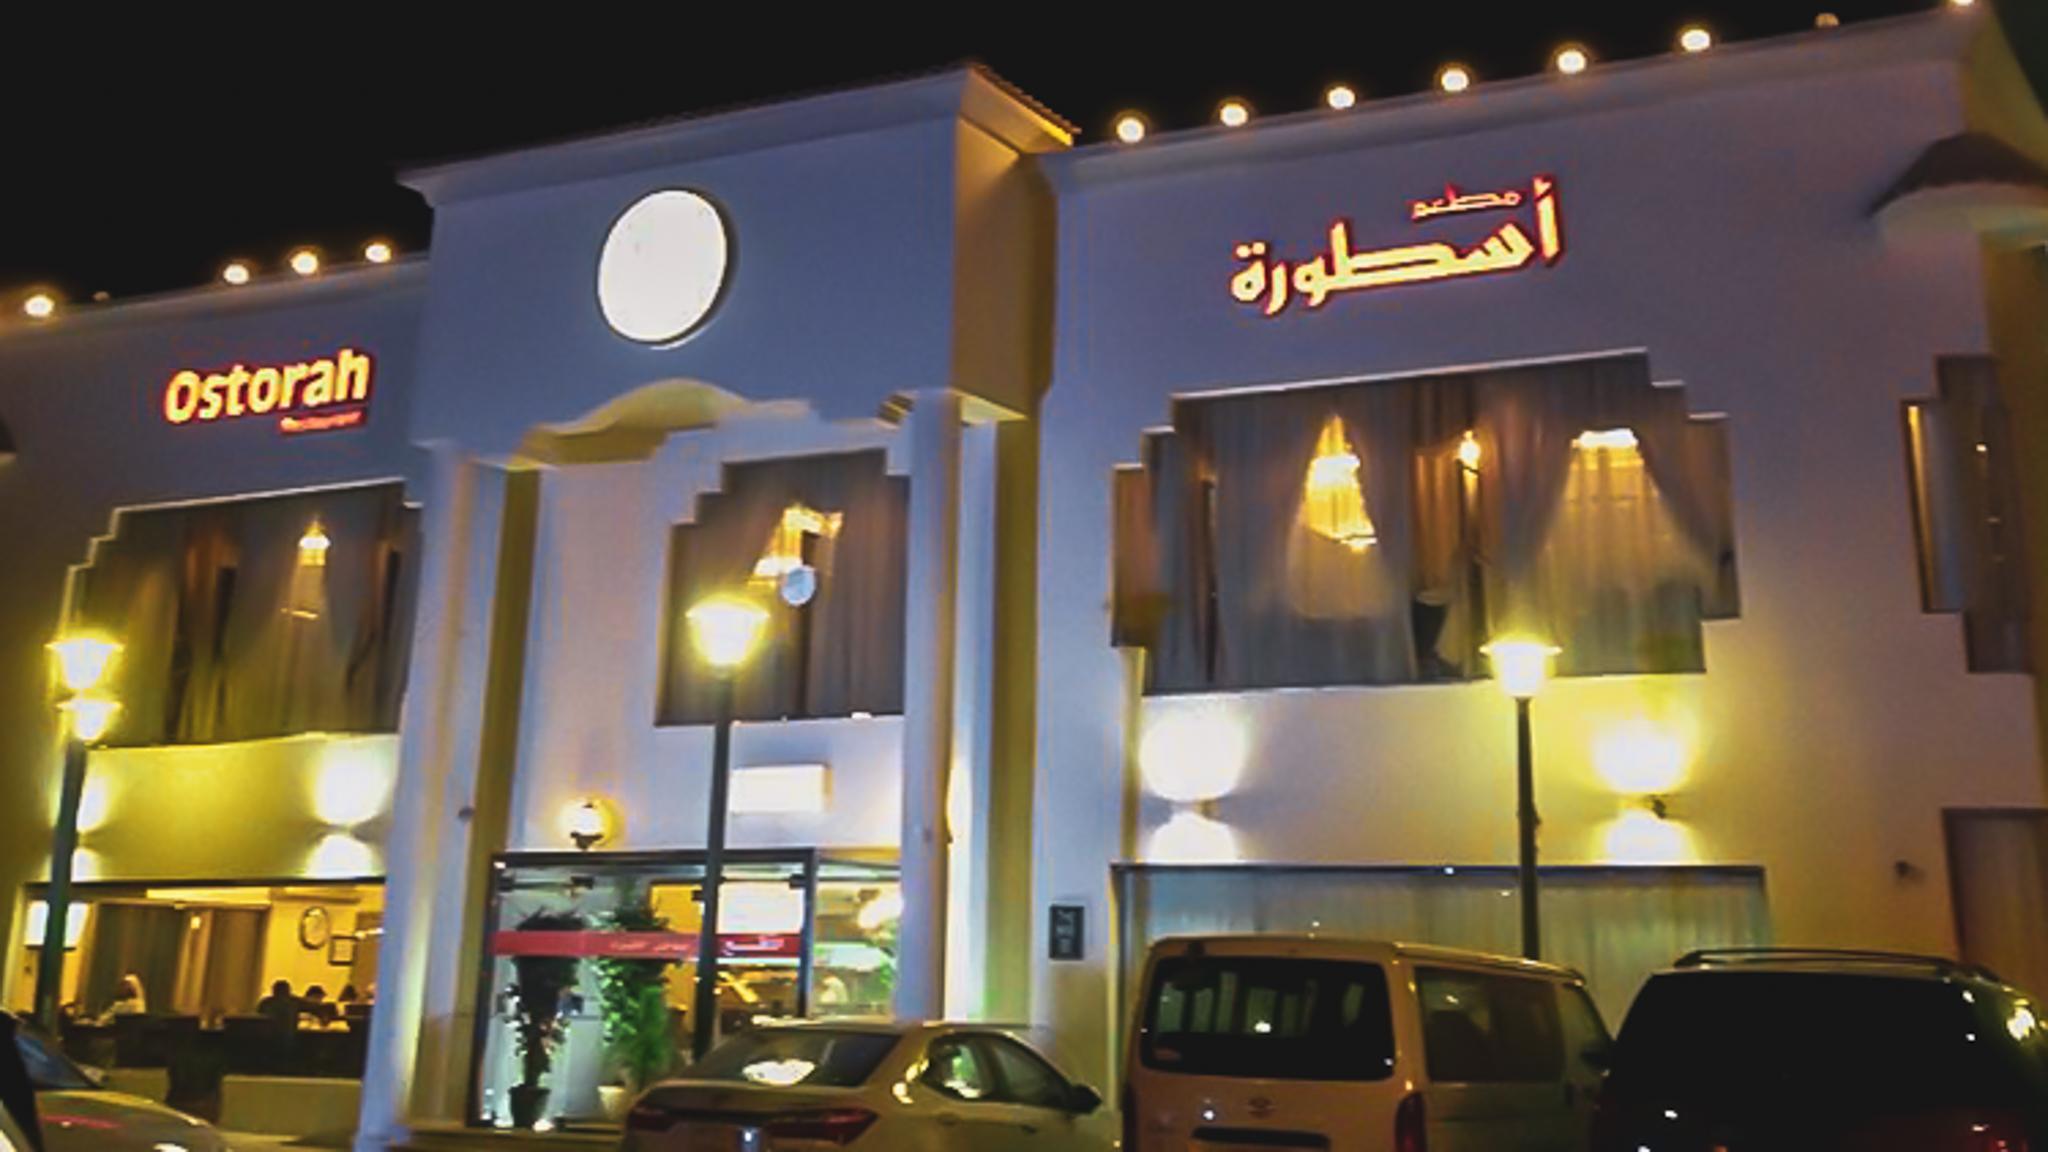 حدوتة مصرية أفضل الأماكن لتناول الطعام في ينبع المسافر